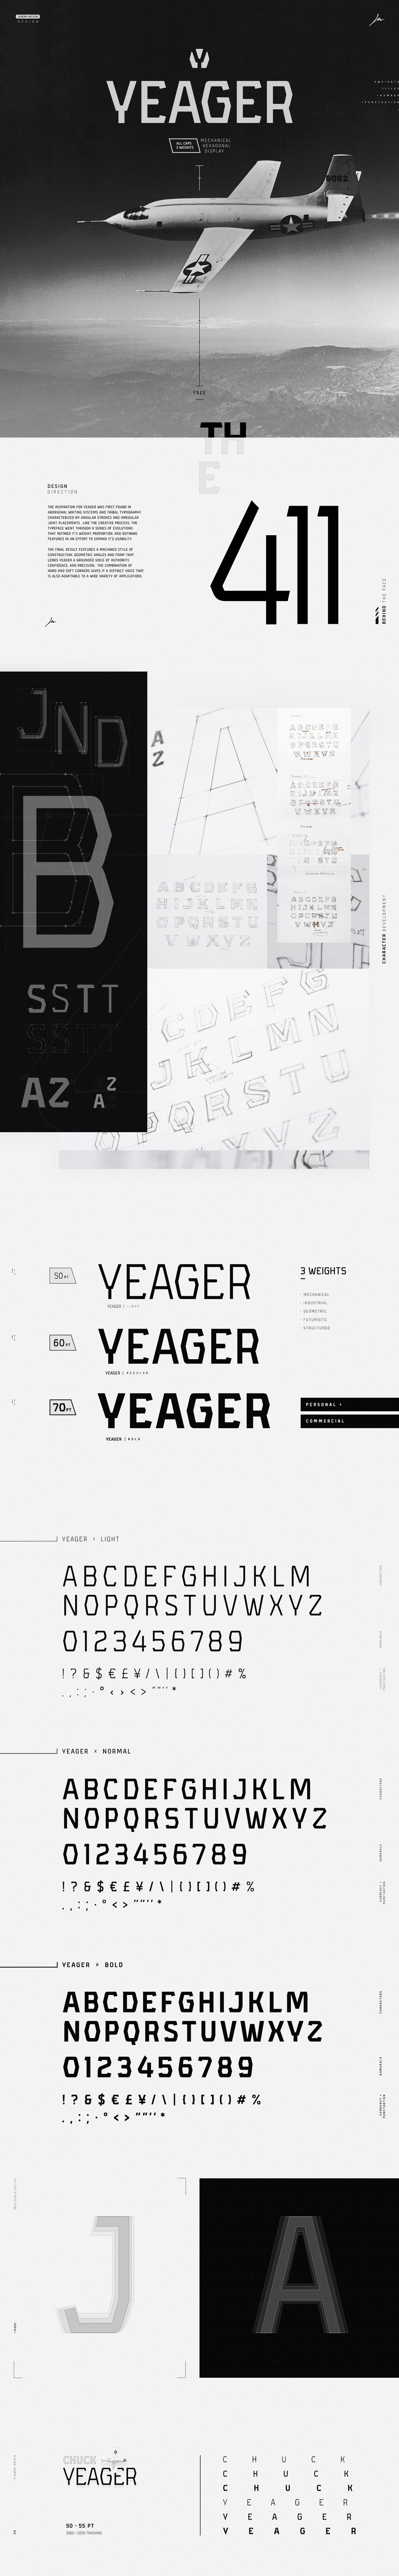 Yeager - Slide 1.jpg